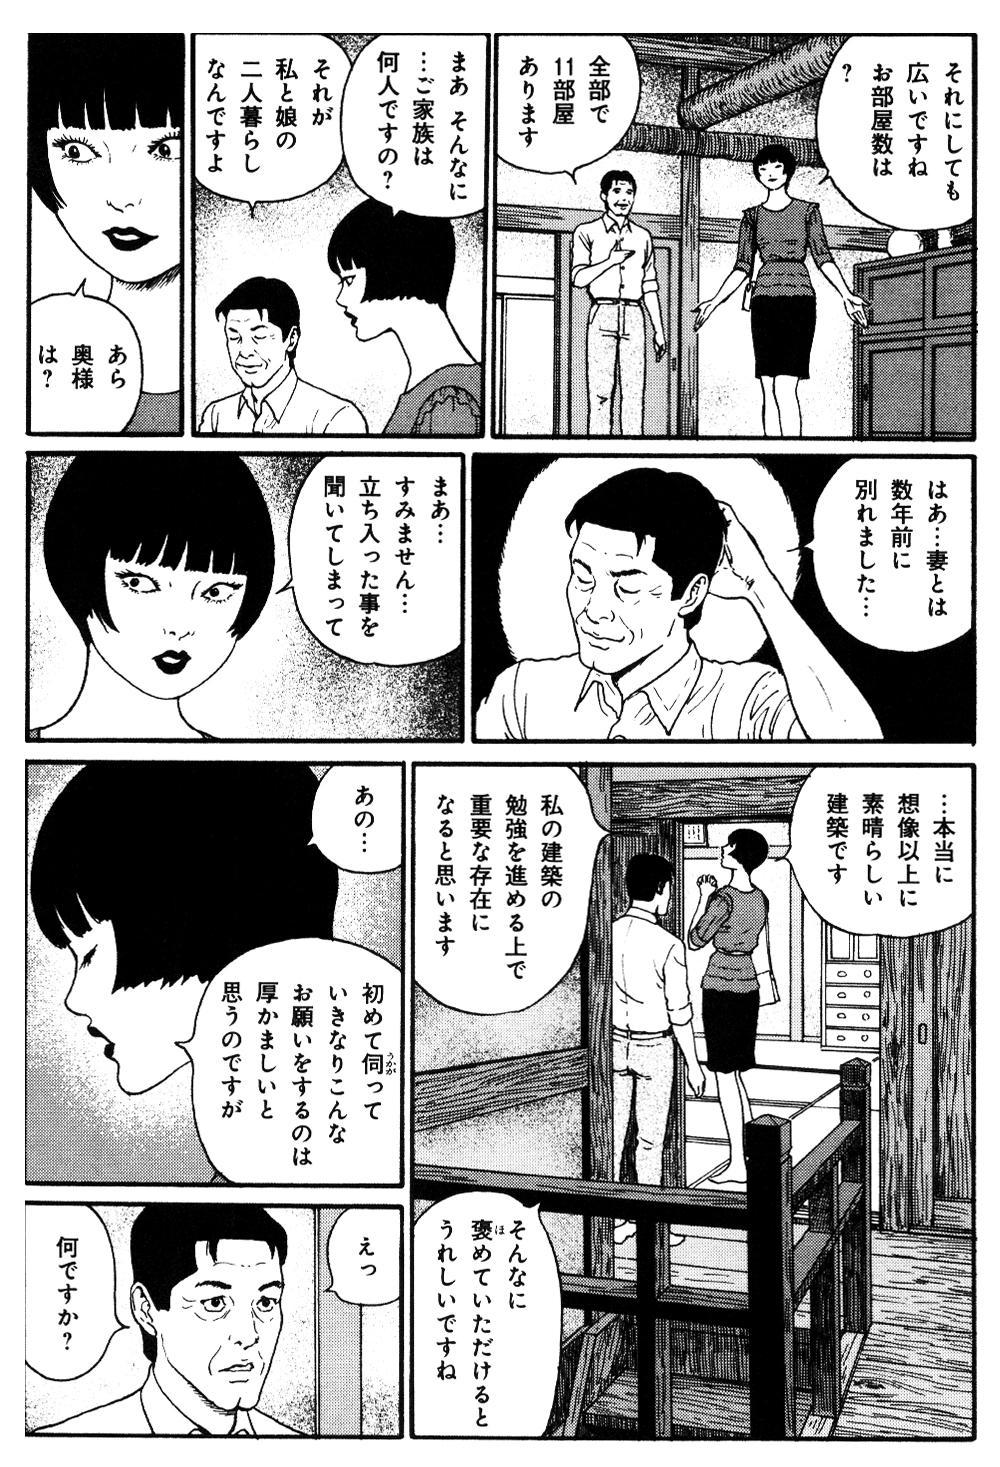 魔の断片 第2話「木造の怪」①manodanpen02-07.jpg